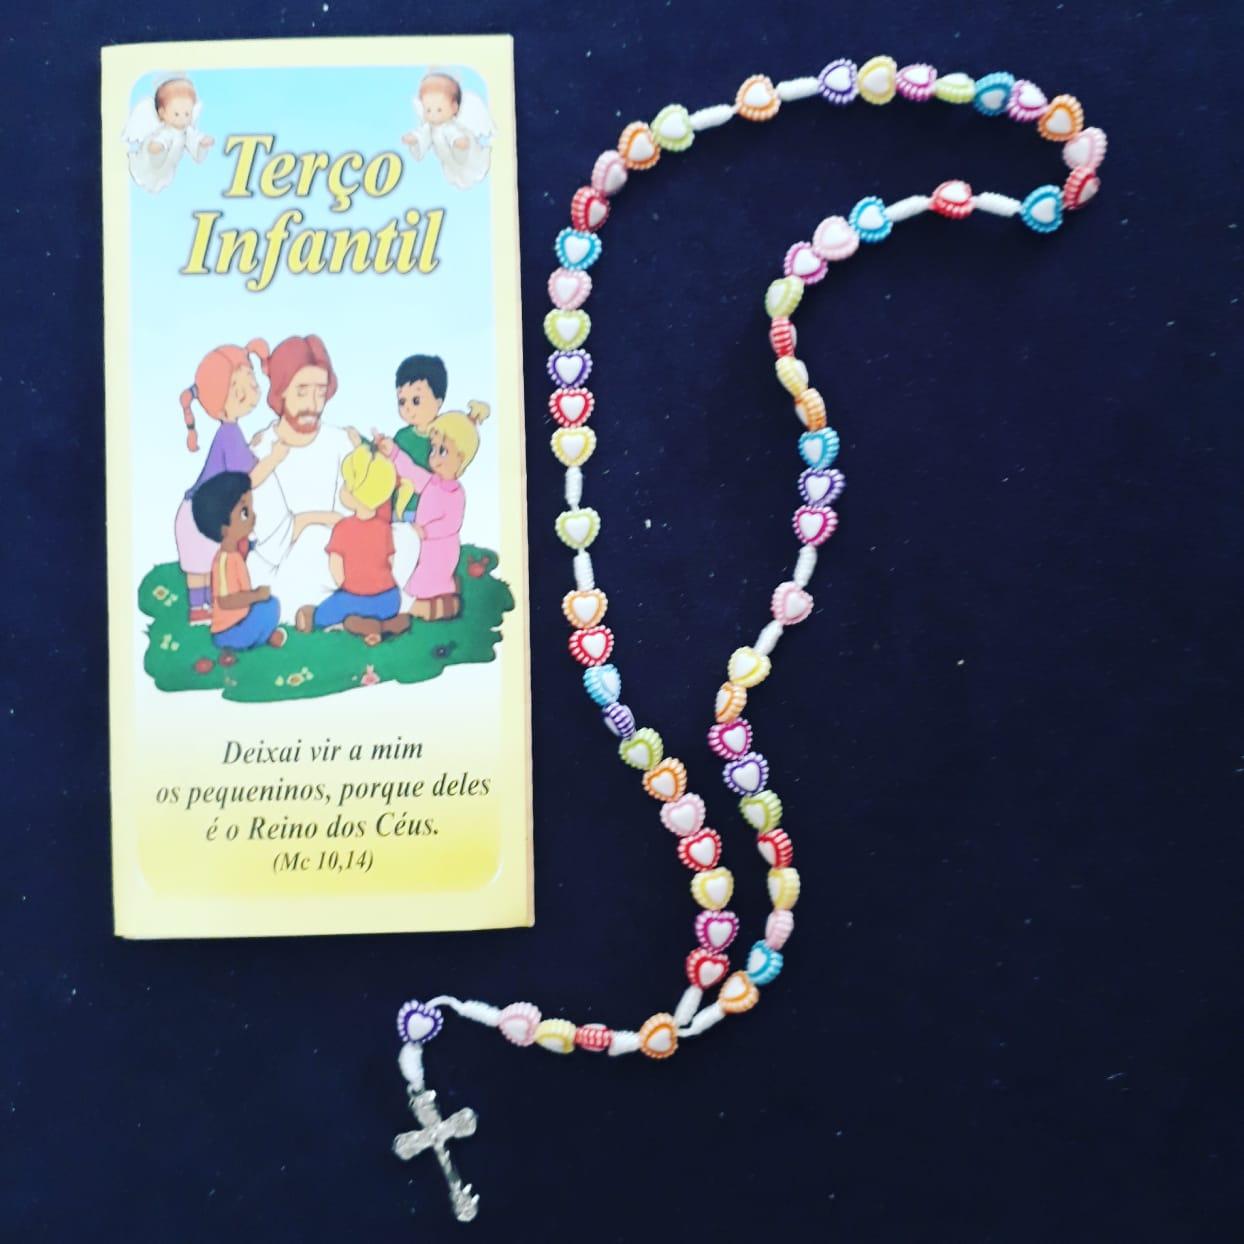 T181 - Terço Infantil Coração c/ Oração  - VindVedShop - Distribuidora Catolica